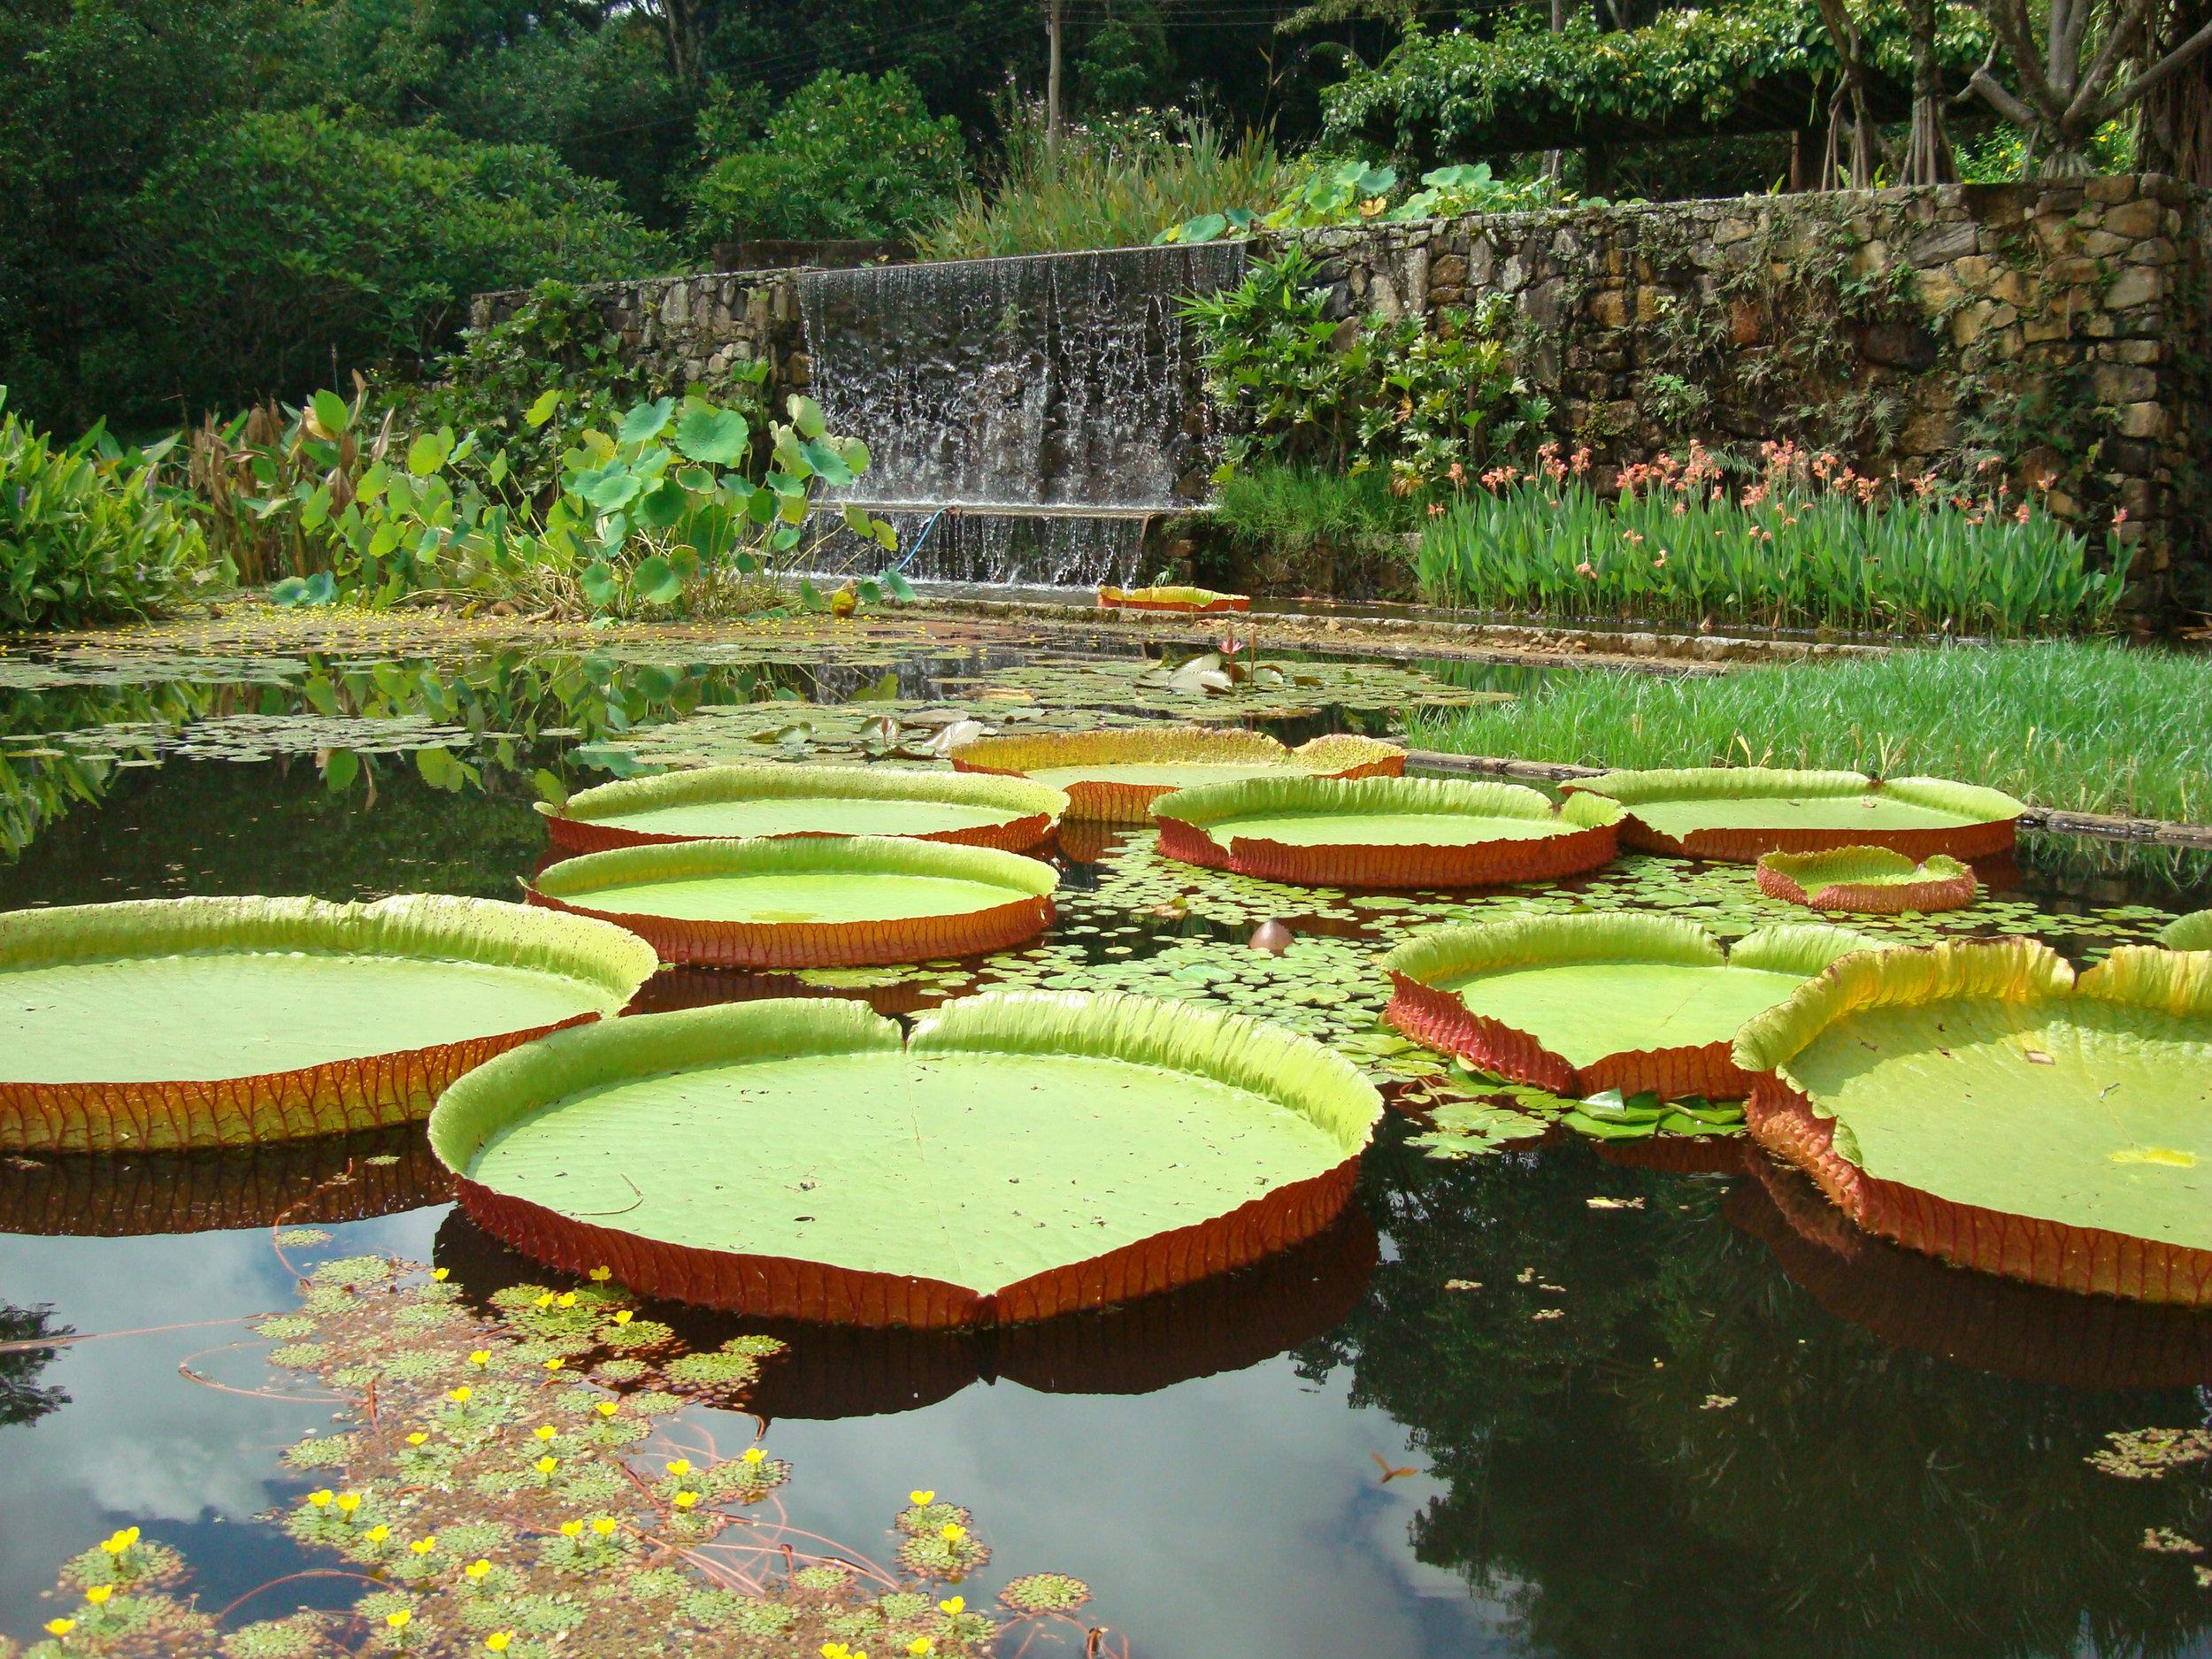 Jardín de la Fazenda Vargem Grande, residencia Clemente Gomes en Areias, diseñado por Roberto Burle Marx, 1979. Cortesía de Burle Marx Landscape Design Studio, Rio de Janeiro.